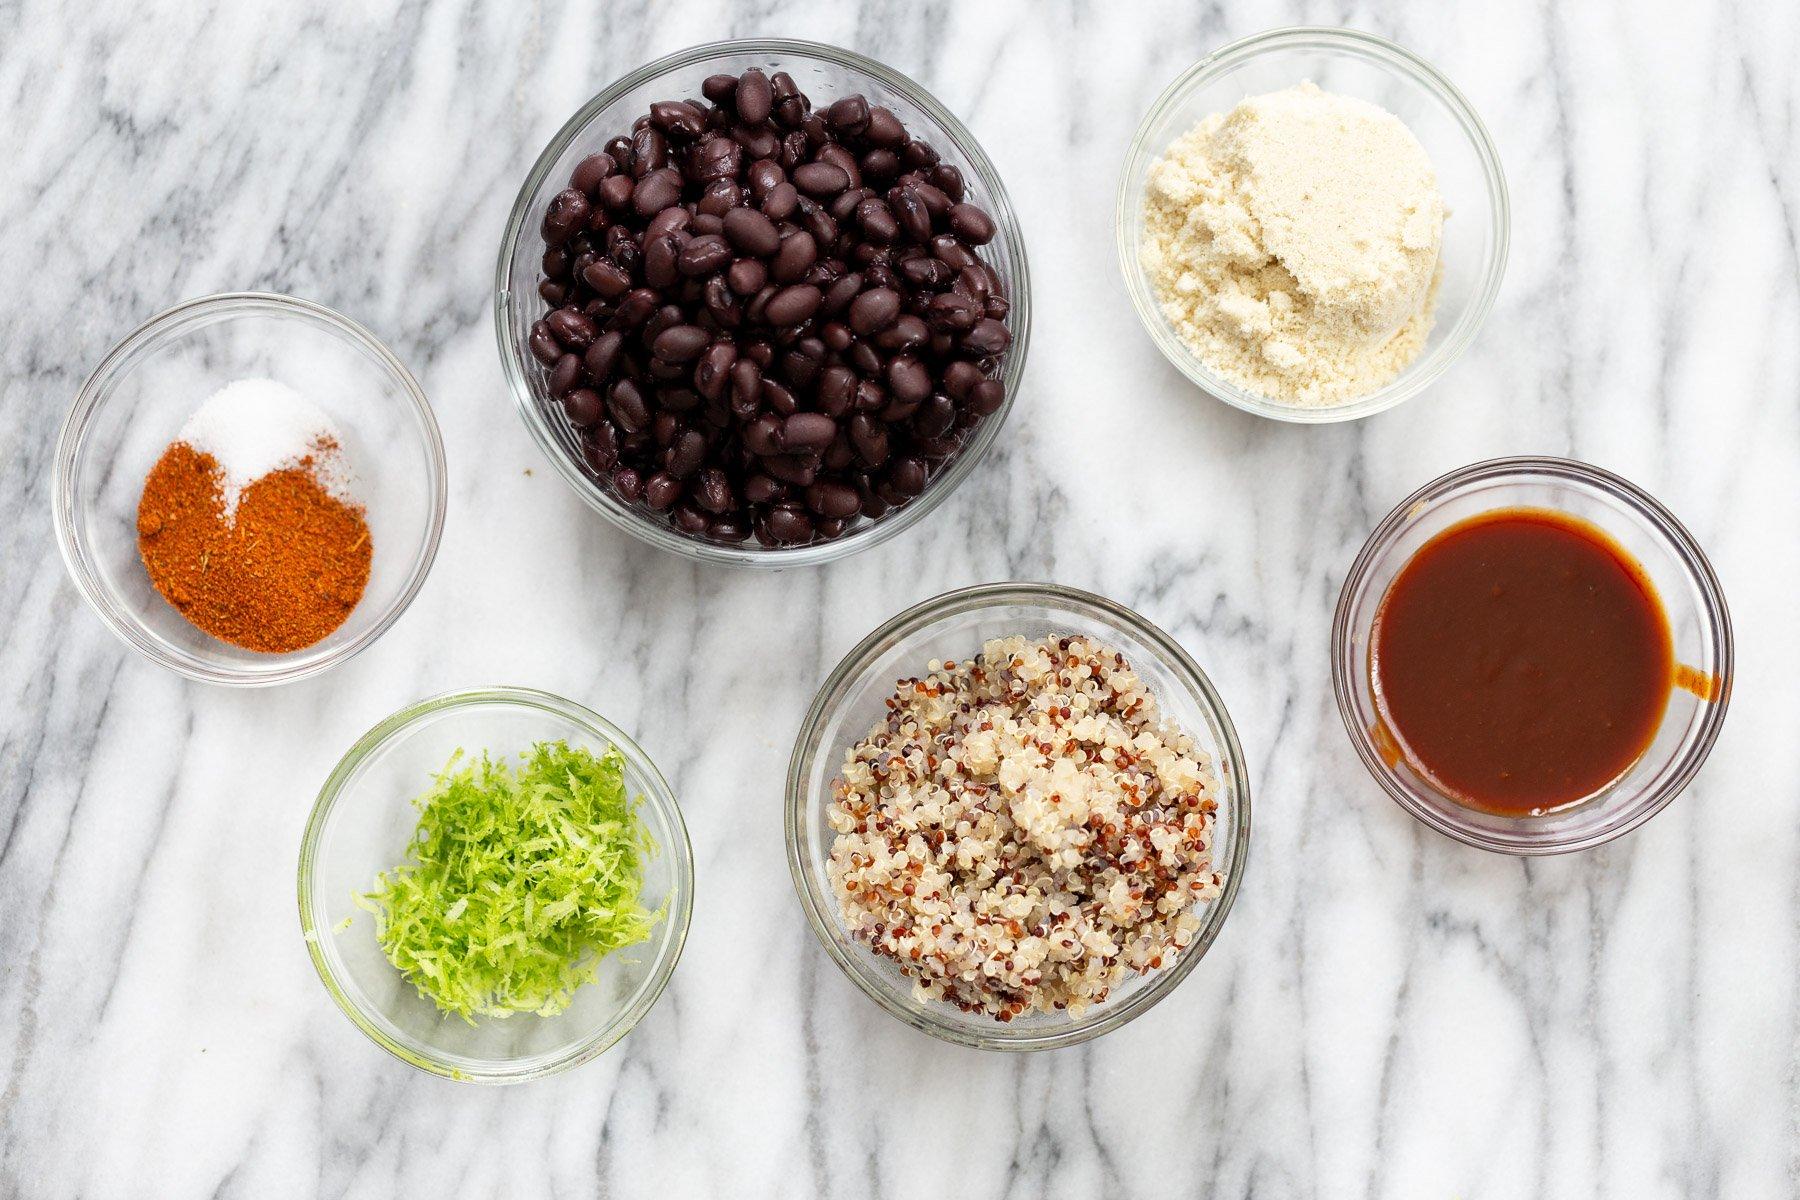 foto aérea dos ingredientes usados para fazer hambúrgueres de hamburguer de quinoa de feijão preto